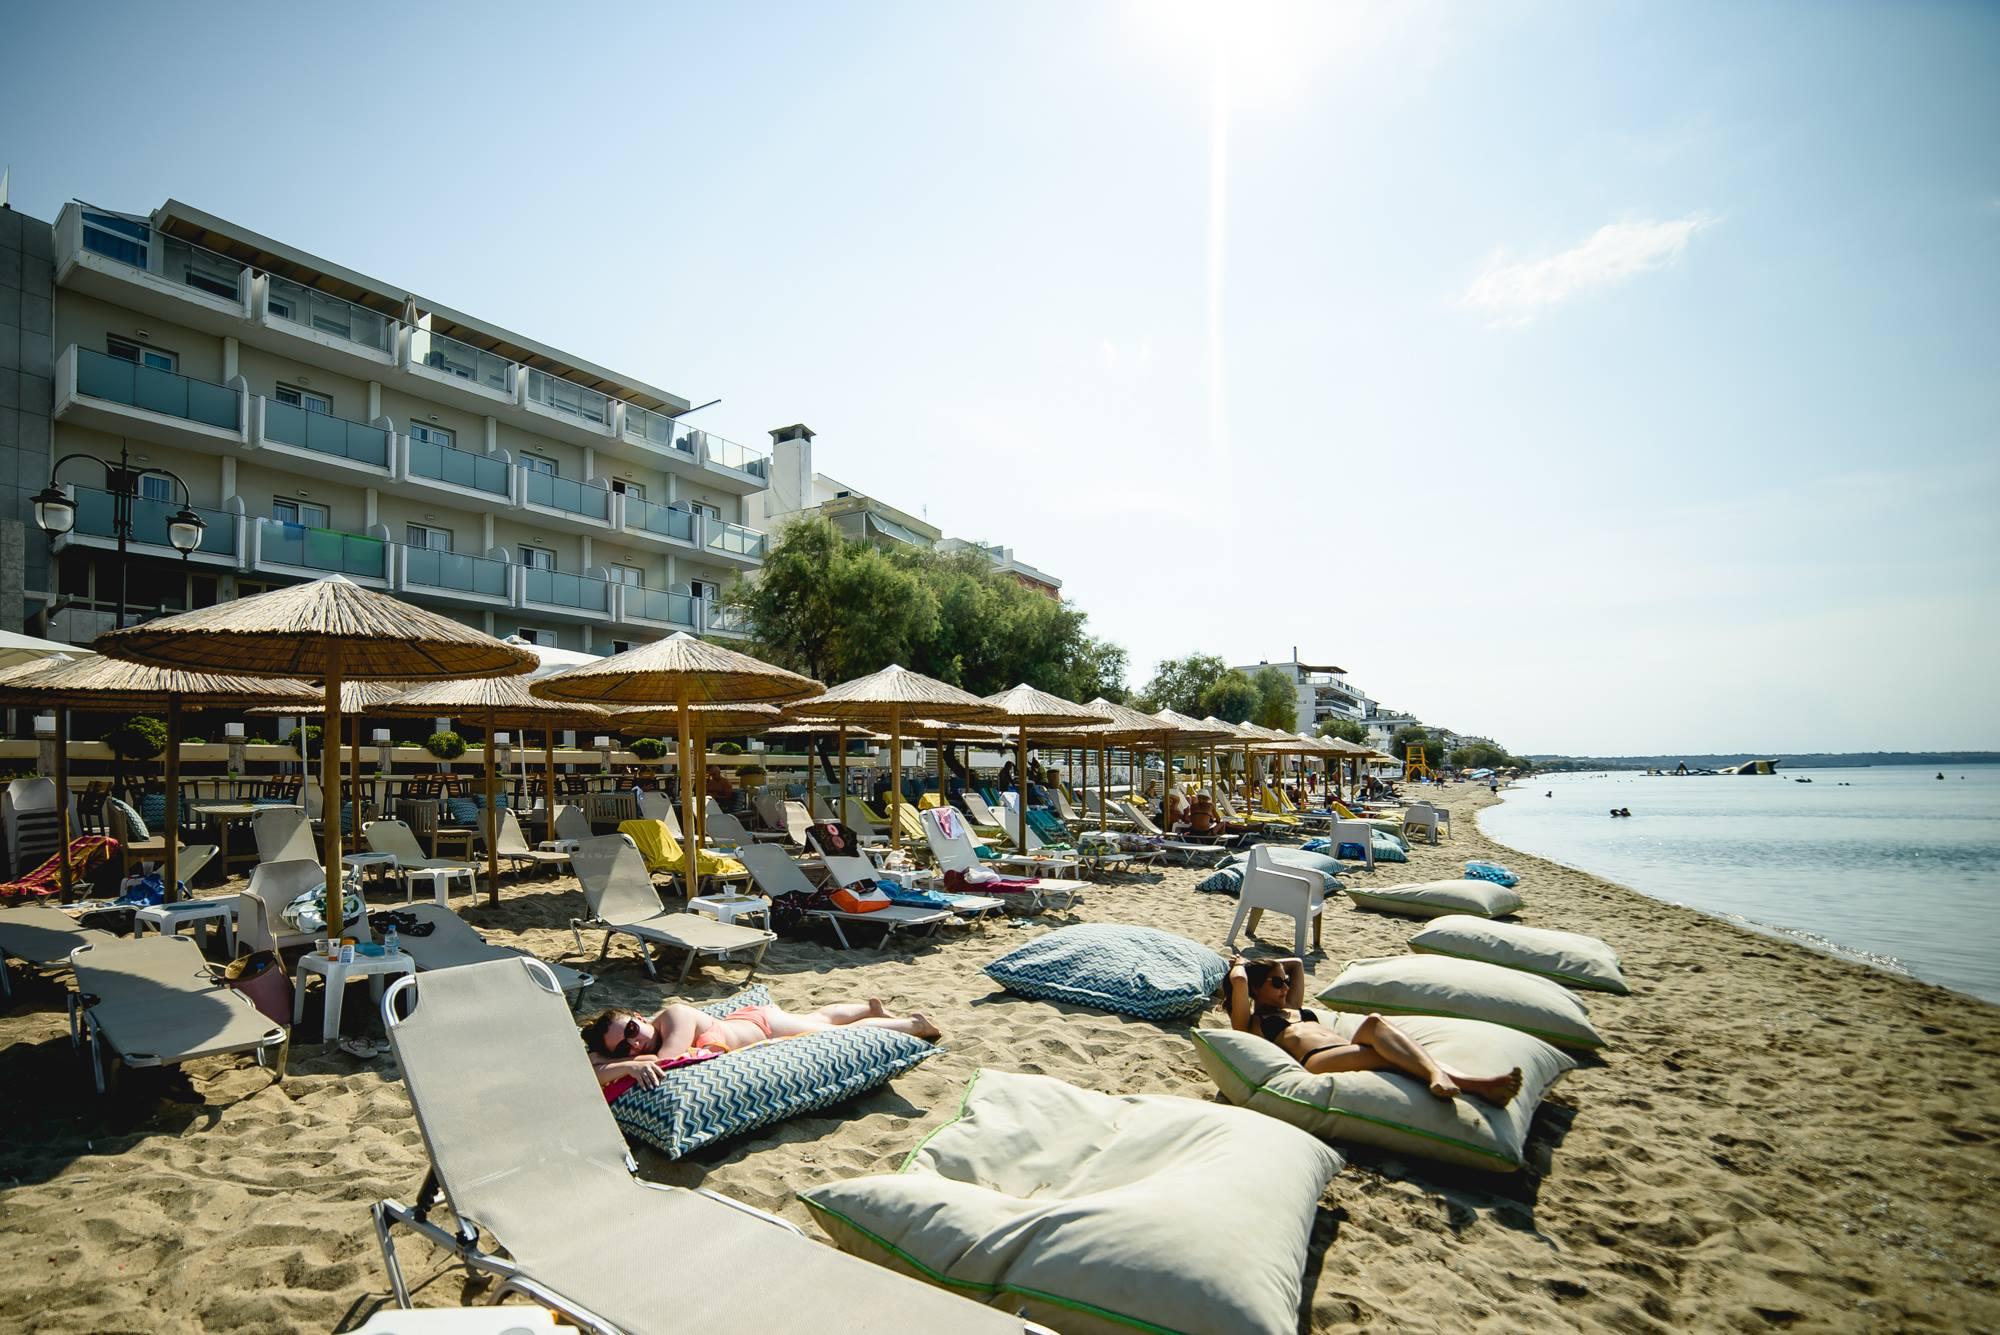 Grcka hoteli letovanje, Perea, Golden Star,eksterijer